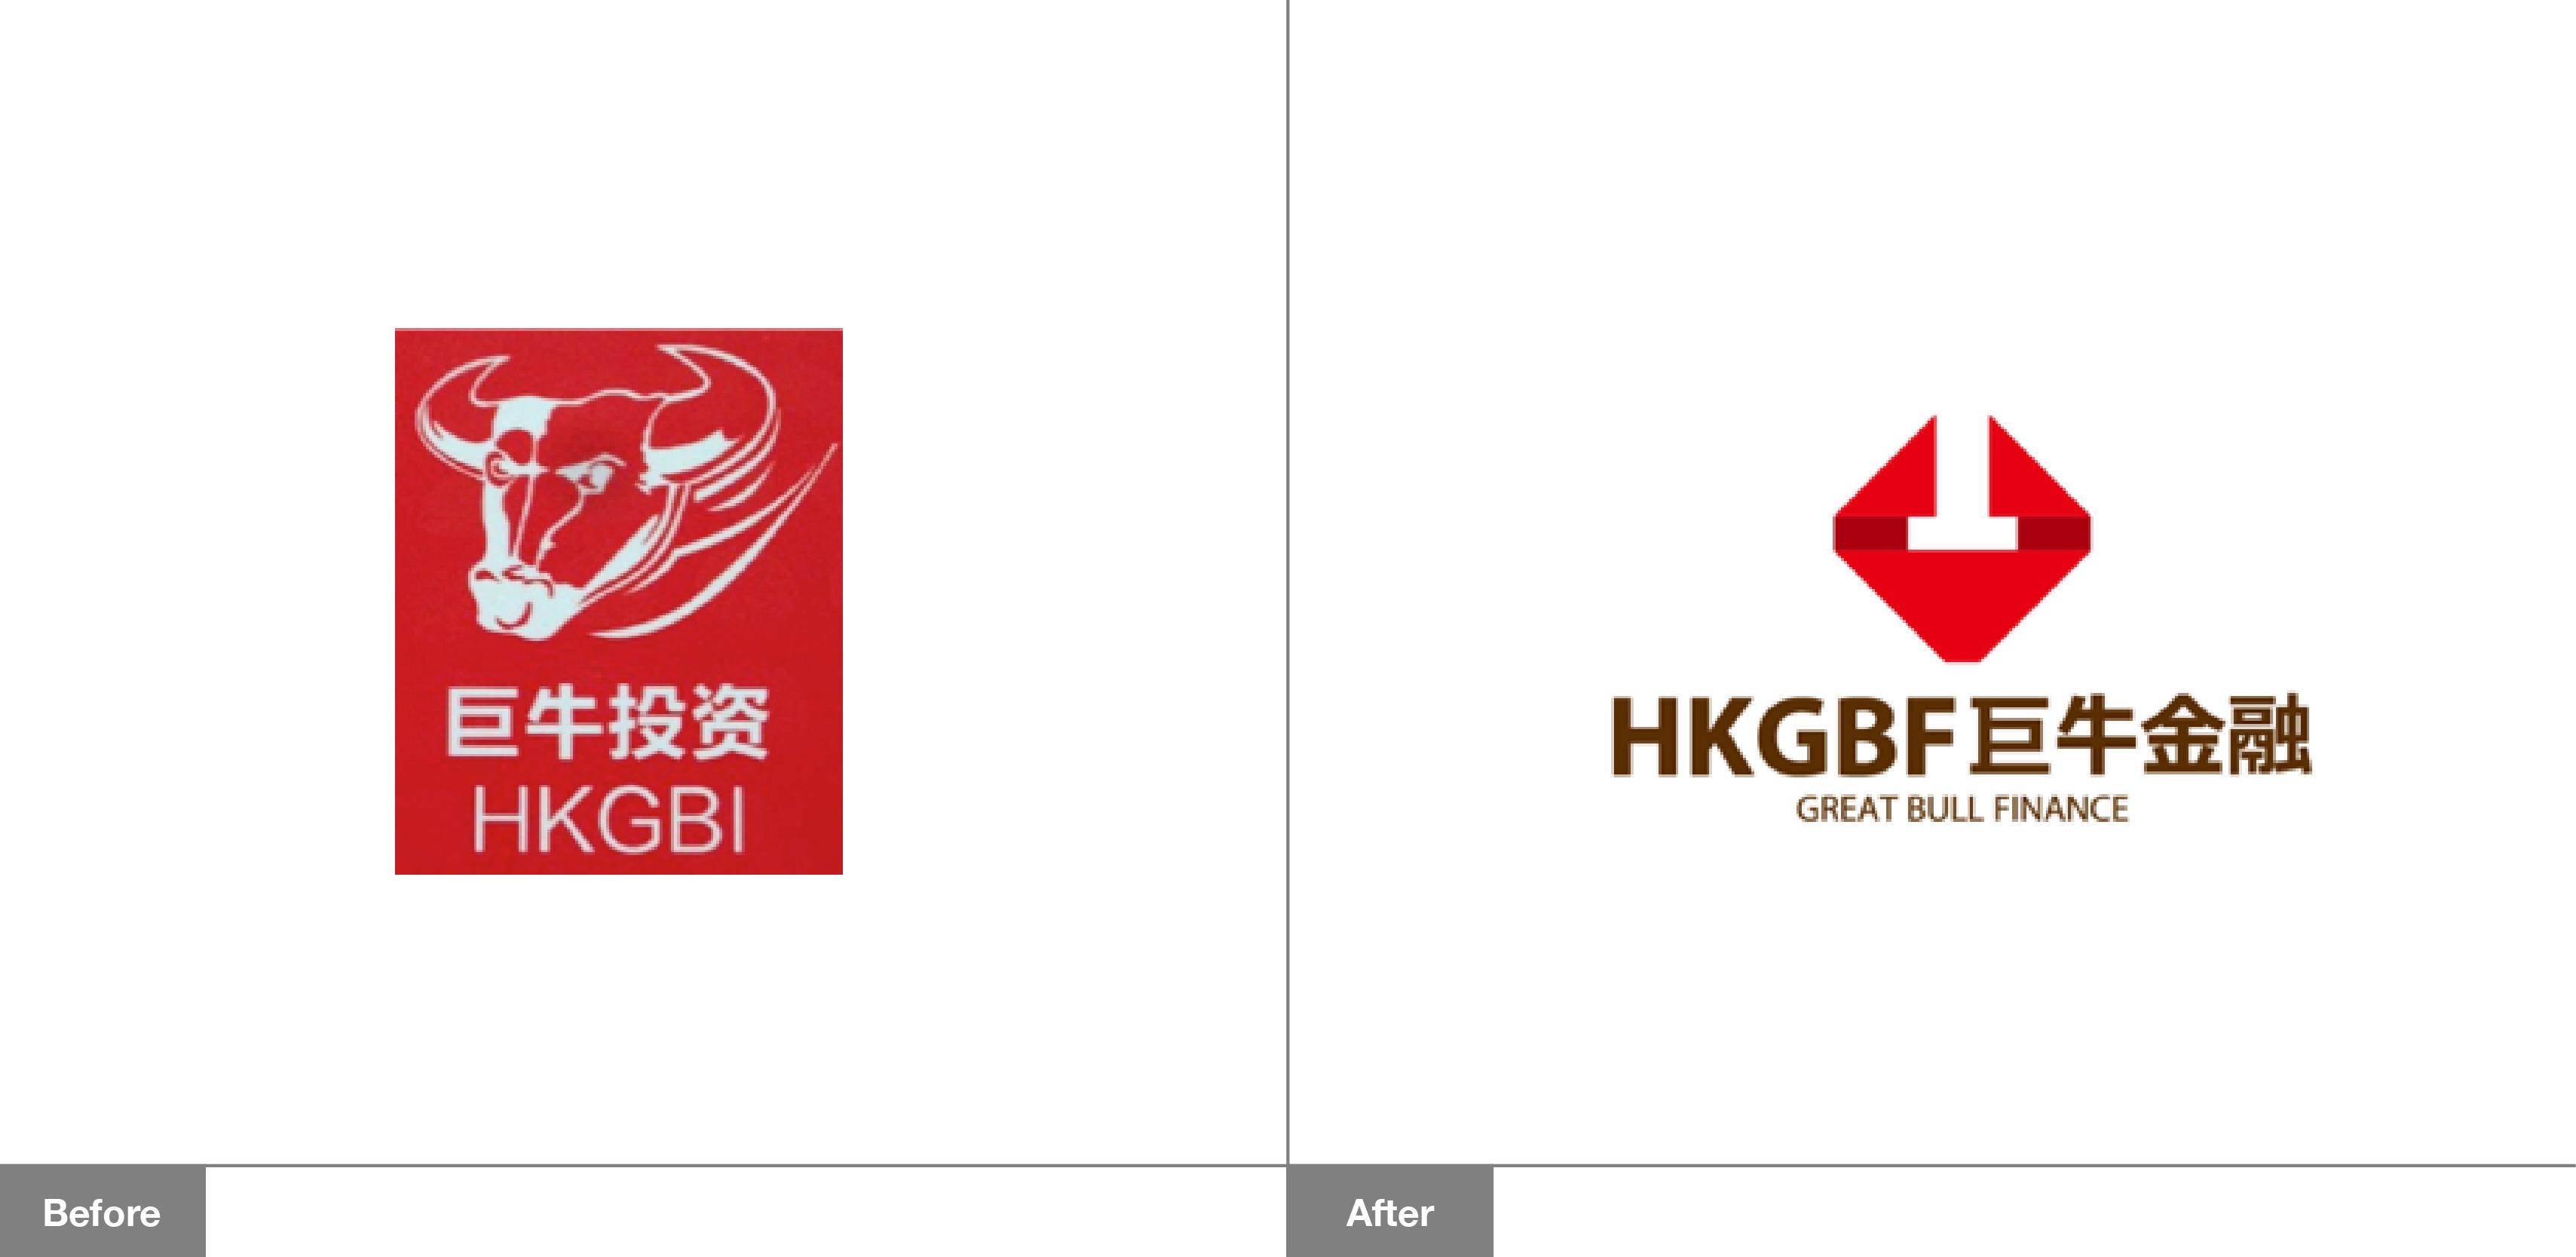 HKGBF-1